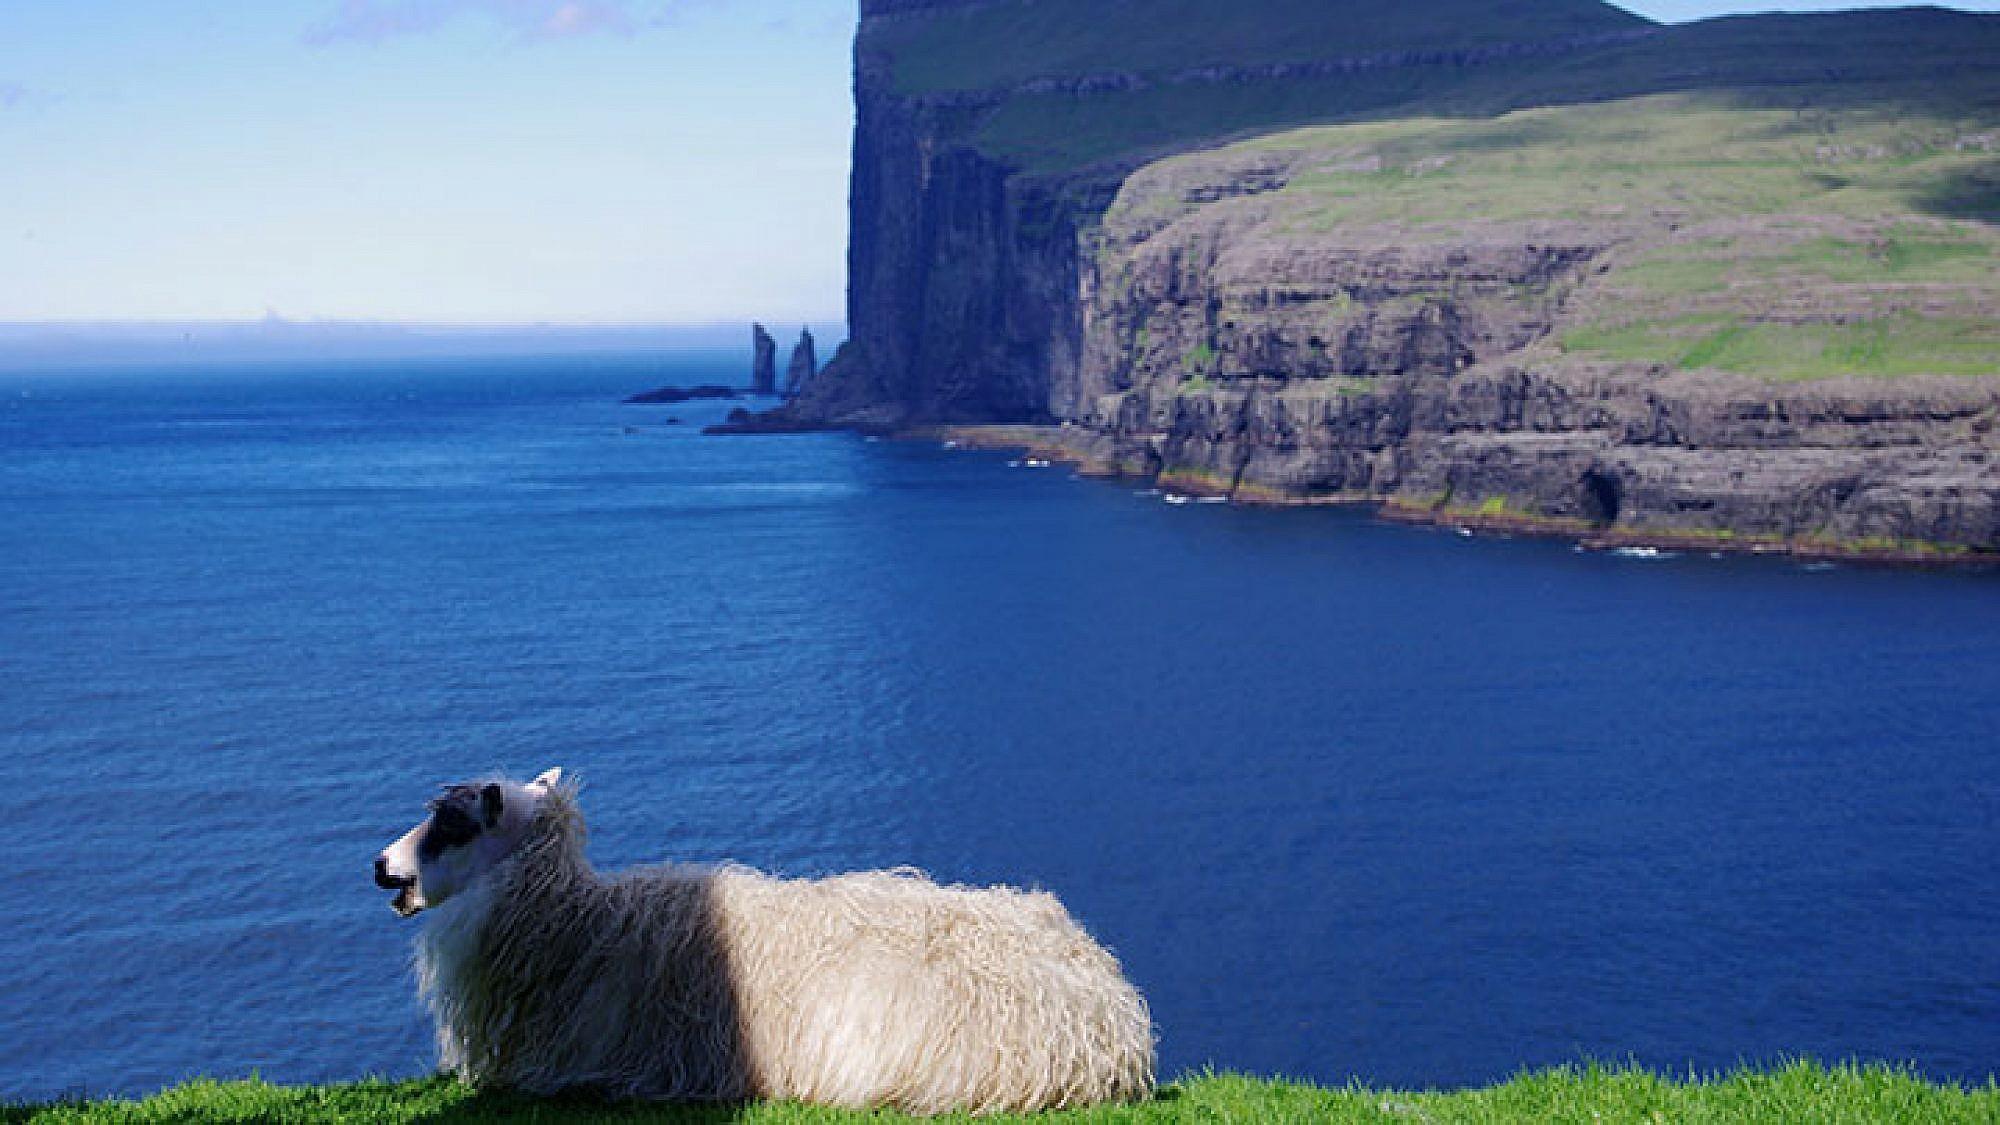 אין ספור וריאציות על איים ירוקים, על צוקים ועל מי אוקיינוס. איי פארו   צילום: שאול אדר